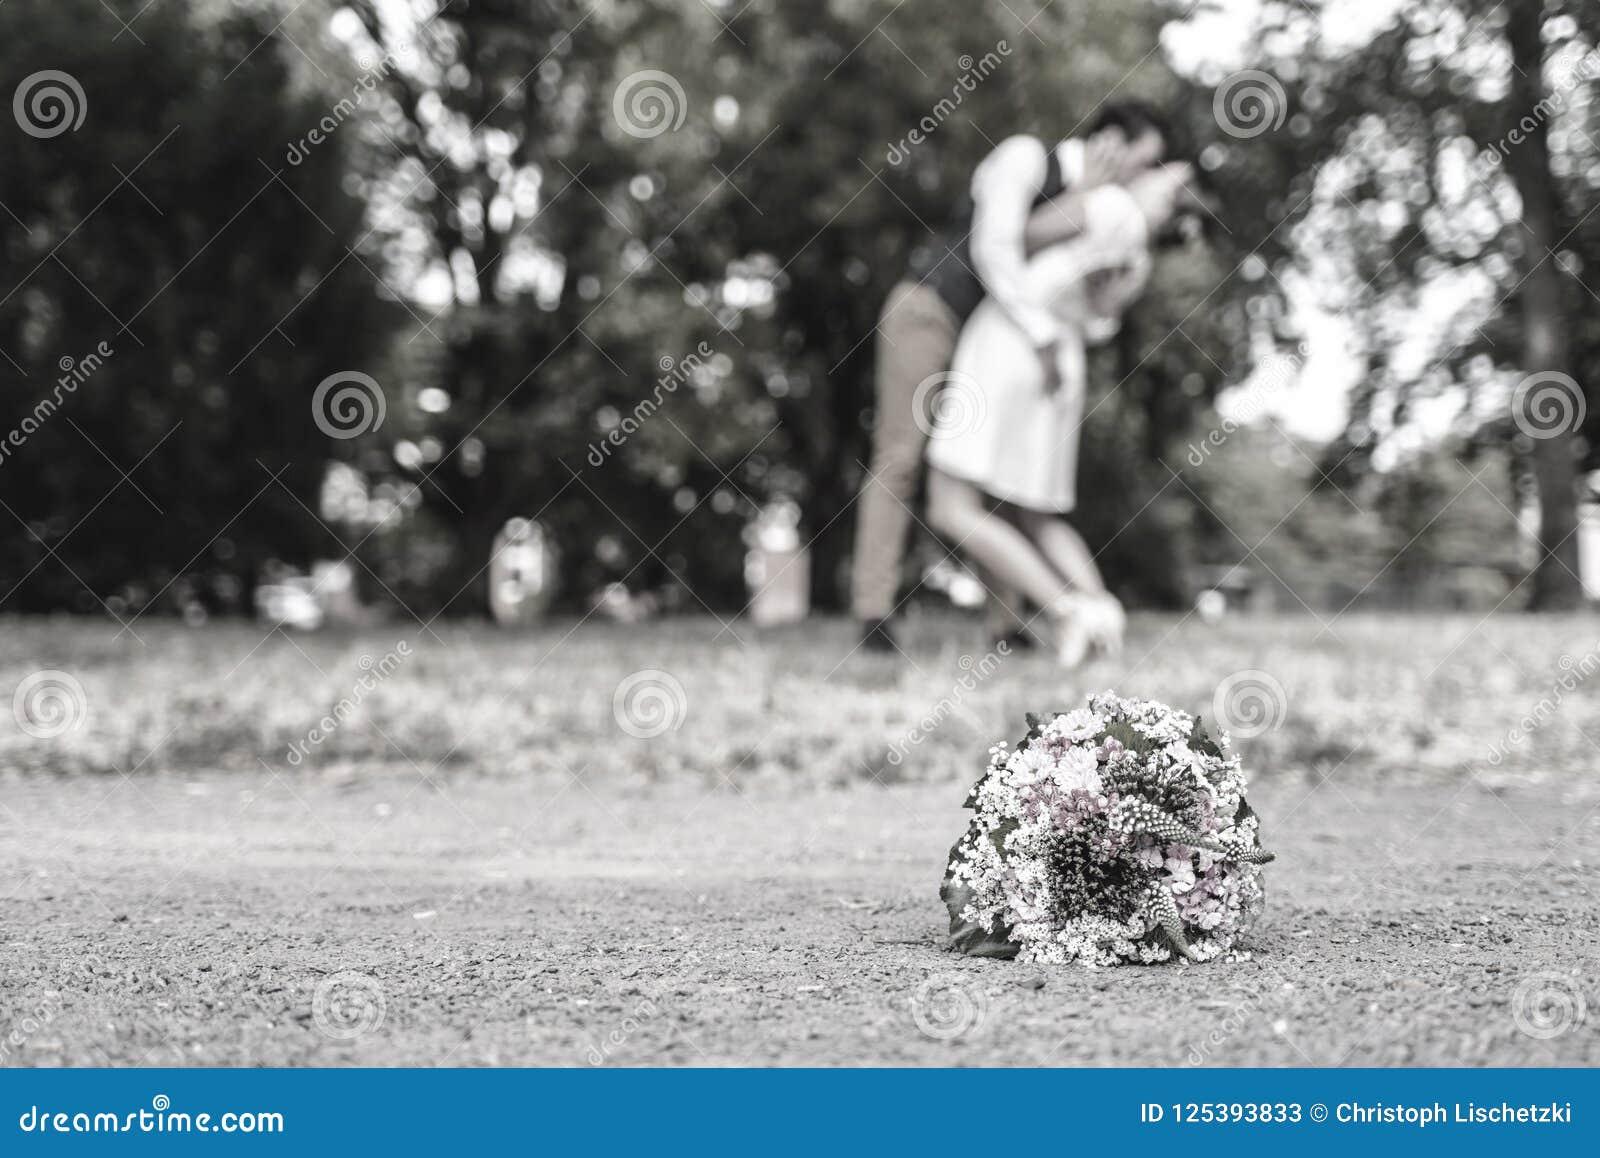 Hochzeitsblumenstrauß vor Jungvermählten verbinden den Hintergrund und küssen flache Tiefe bokeh